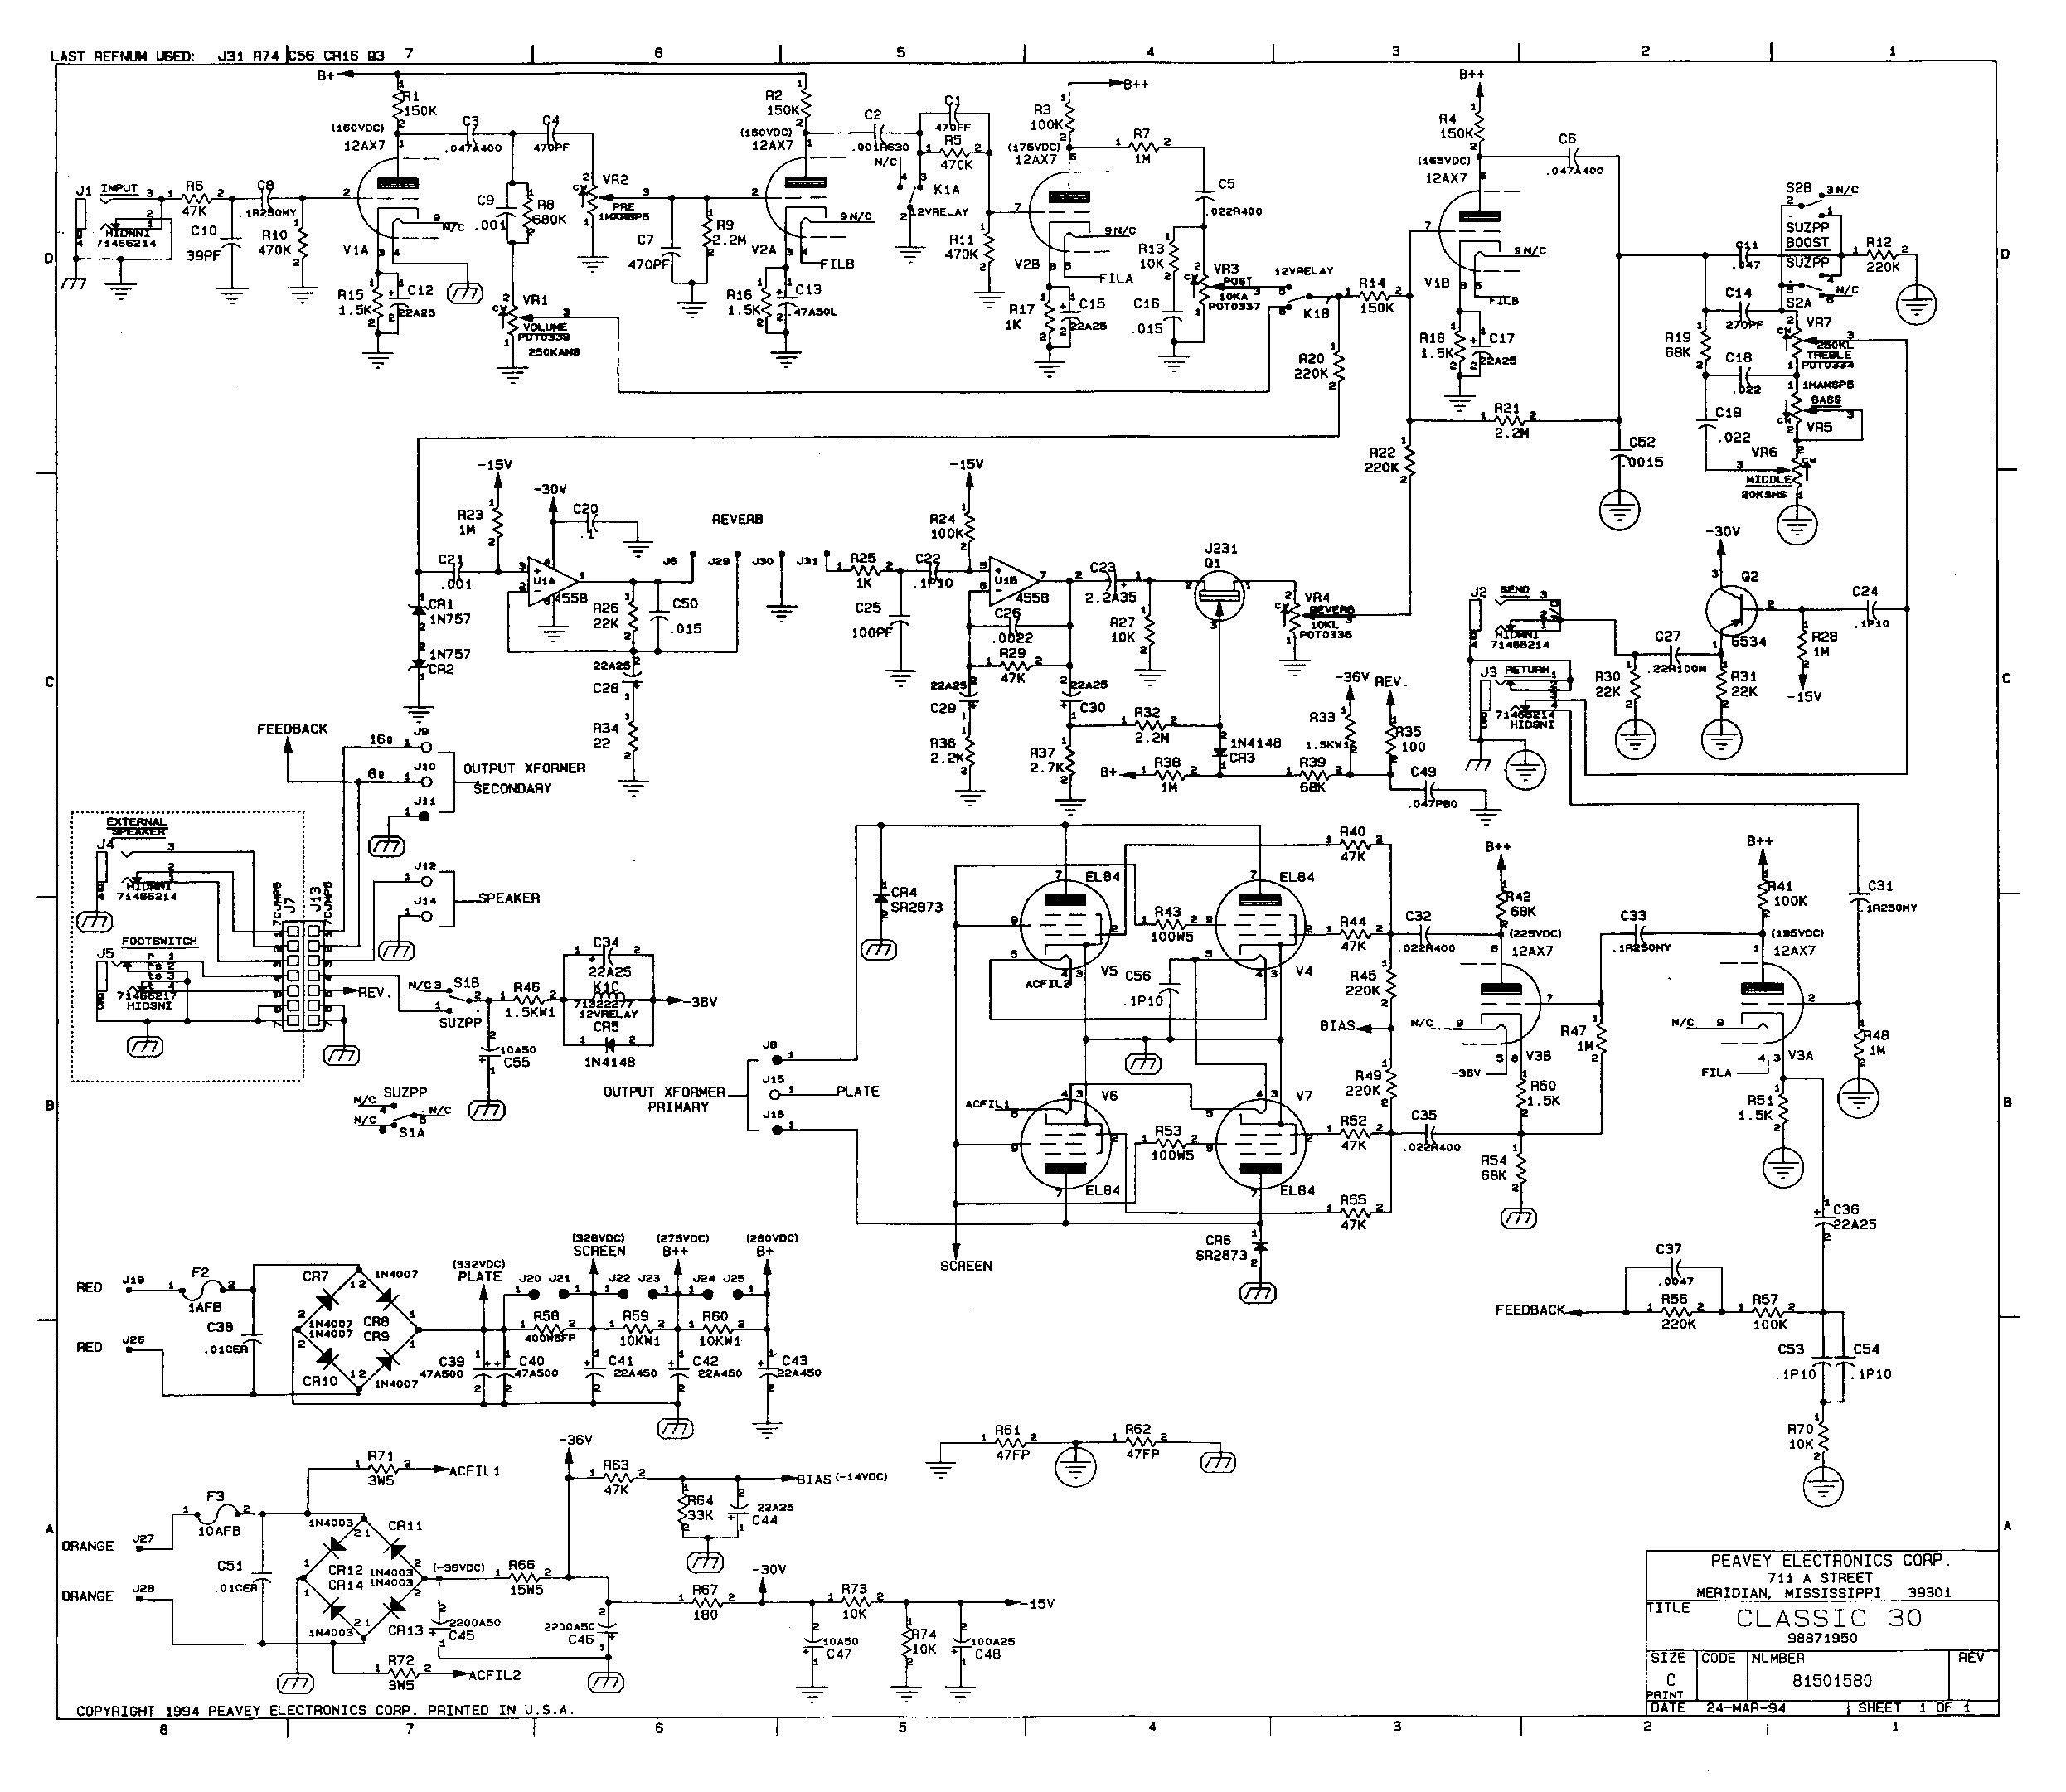 peavey b pickup wiring diagram diagram diagramsample diagramtemplate wiringdiagram  diagram diagramsample diagramtemplate